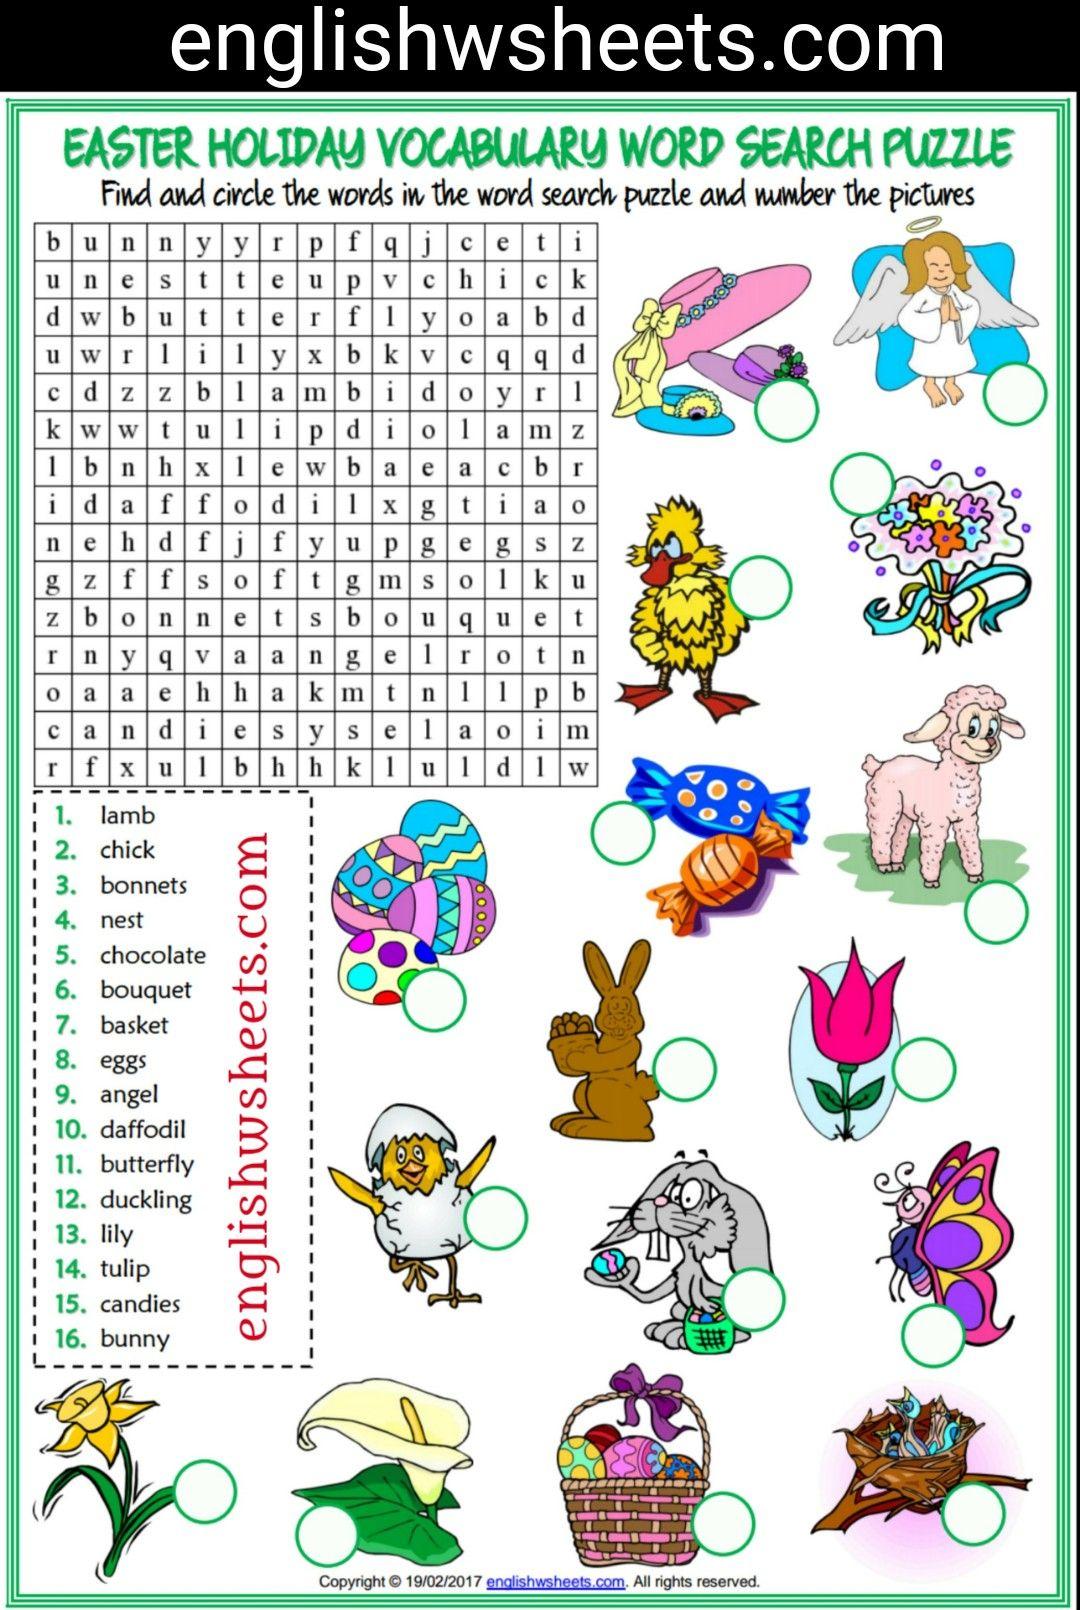 worksheet Esl Vocabulary Worksheets easter esl printable word search puzzle worksheet for kids vocabulary